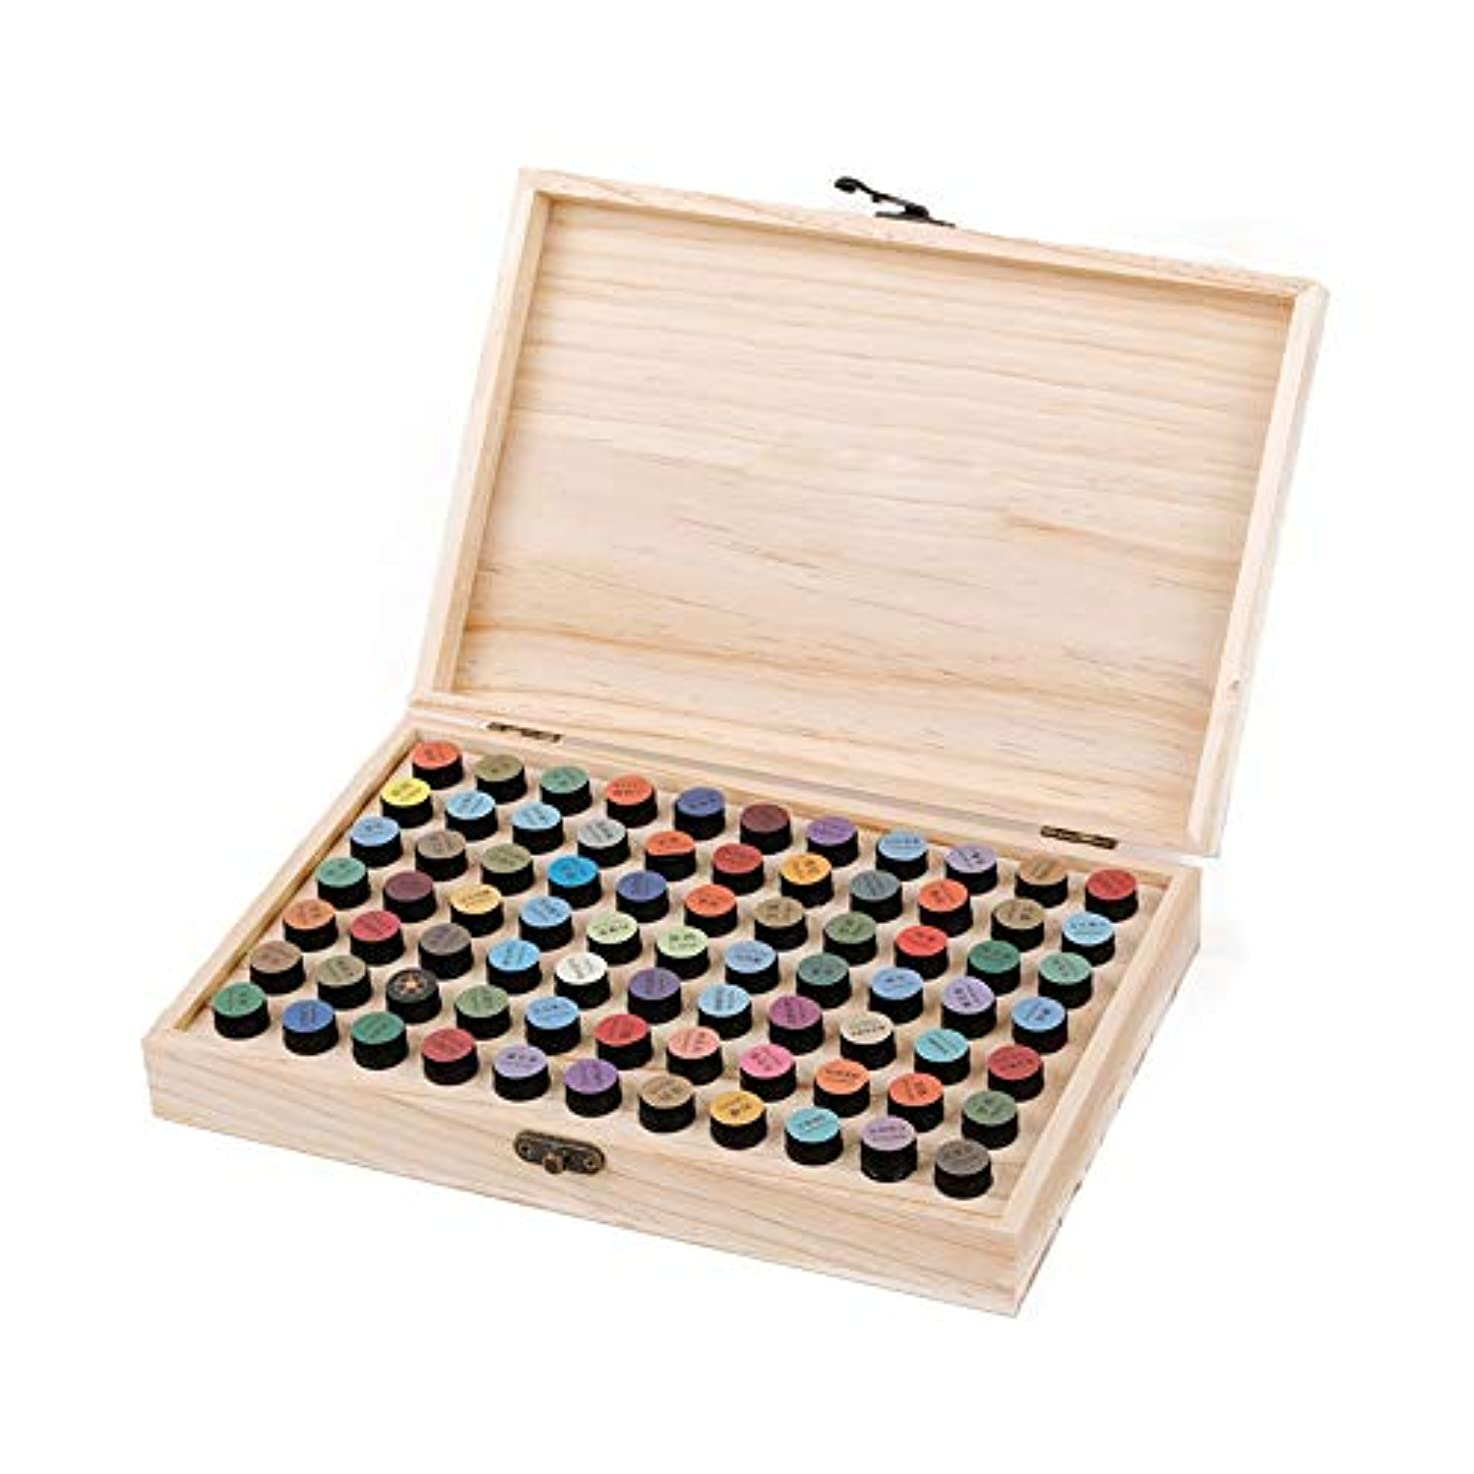 命令的誓う共役エッセンシャルオイル収納ボックス 2ミリリットルのエッセンシャルオイル木製収納ボックスあなたの貴重なエッセンシャルオイルを格納するのに適した77個のスロット 丈夫で持ち運びが簡単 (色 : Natural, サイズ :...